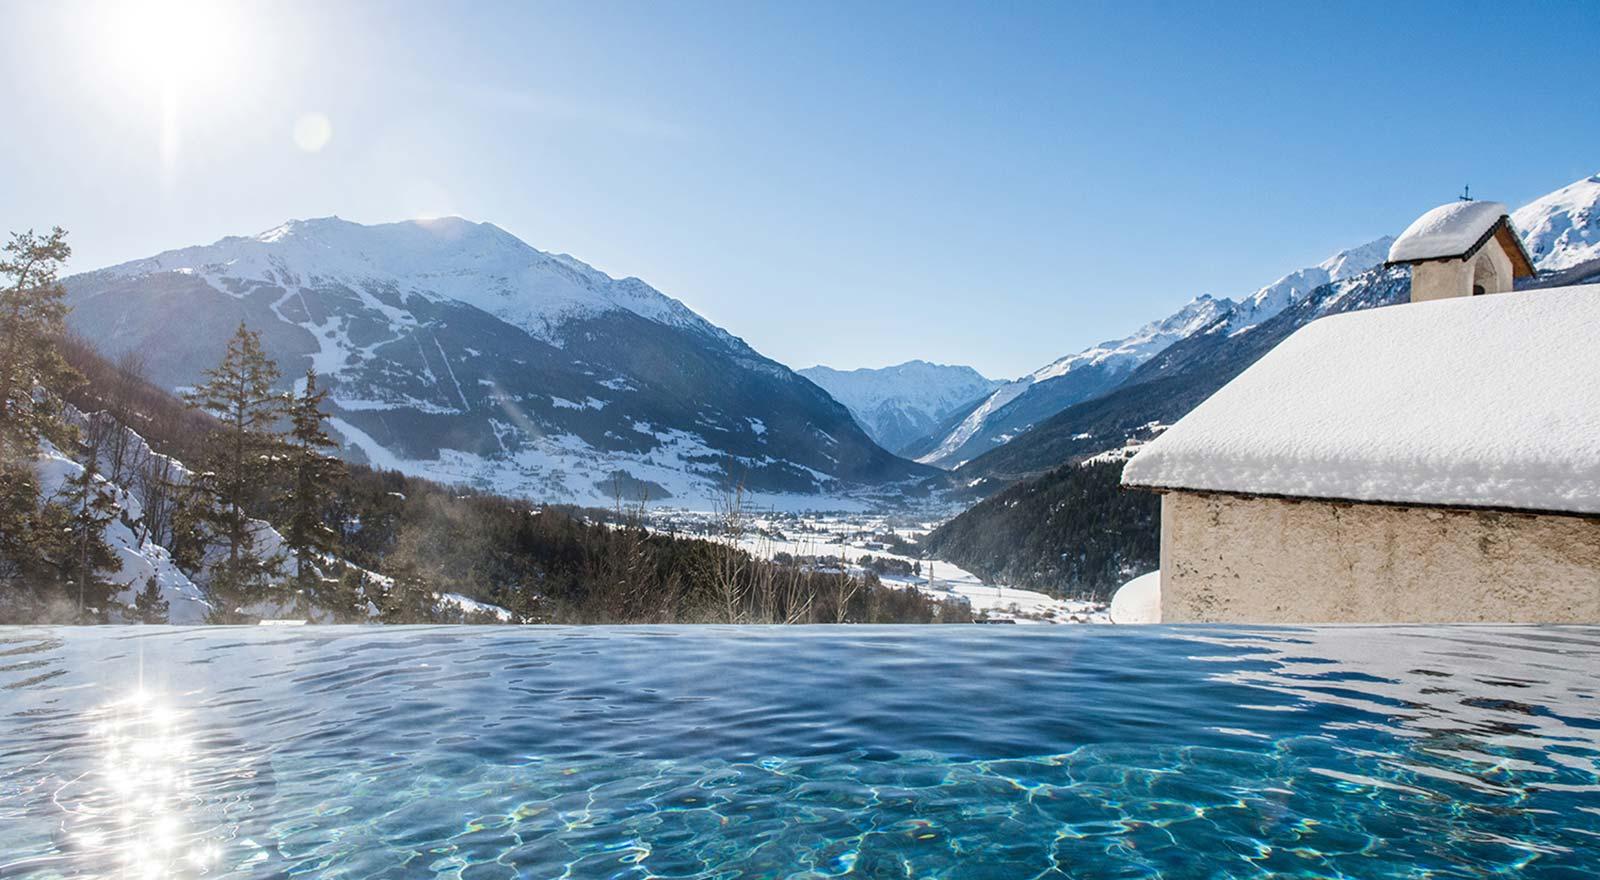 Siamo vicini ai bagni di bormio benessere hotel bormio hotel alpi golf - Terme bormio bagni vecchi offerte ...